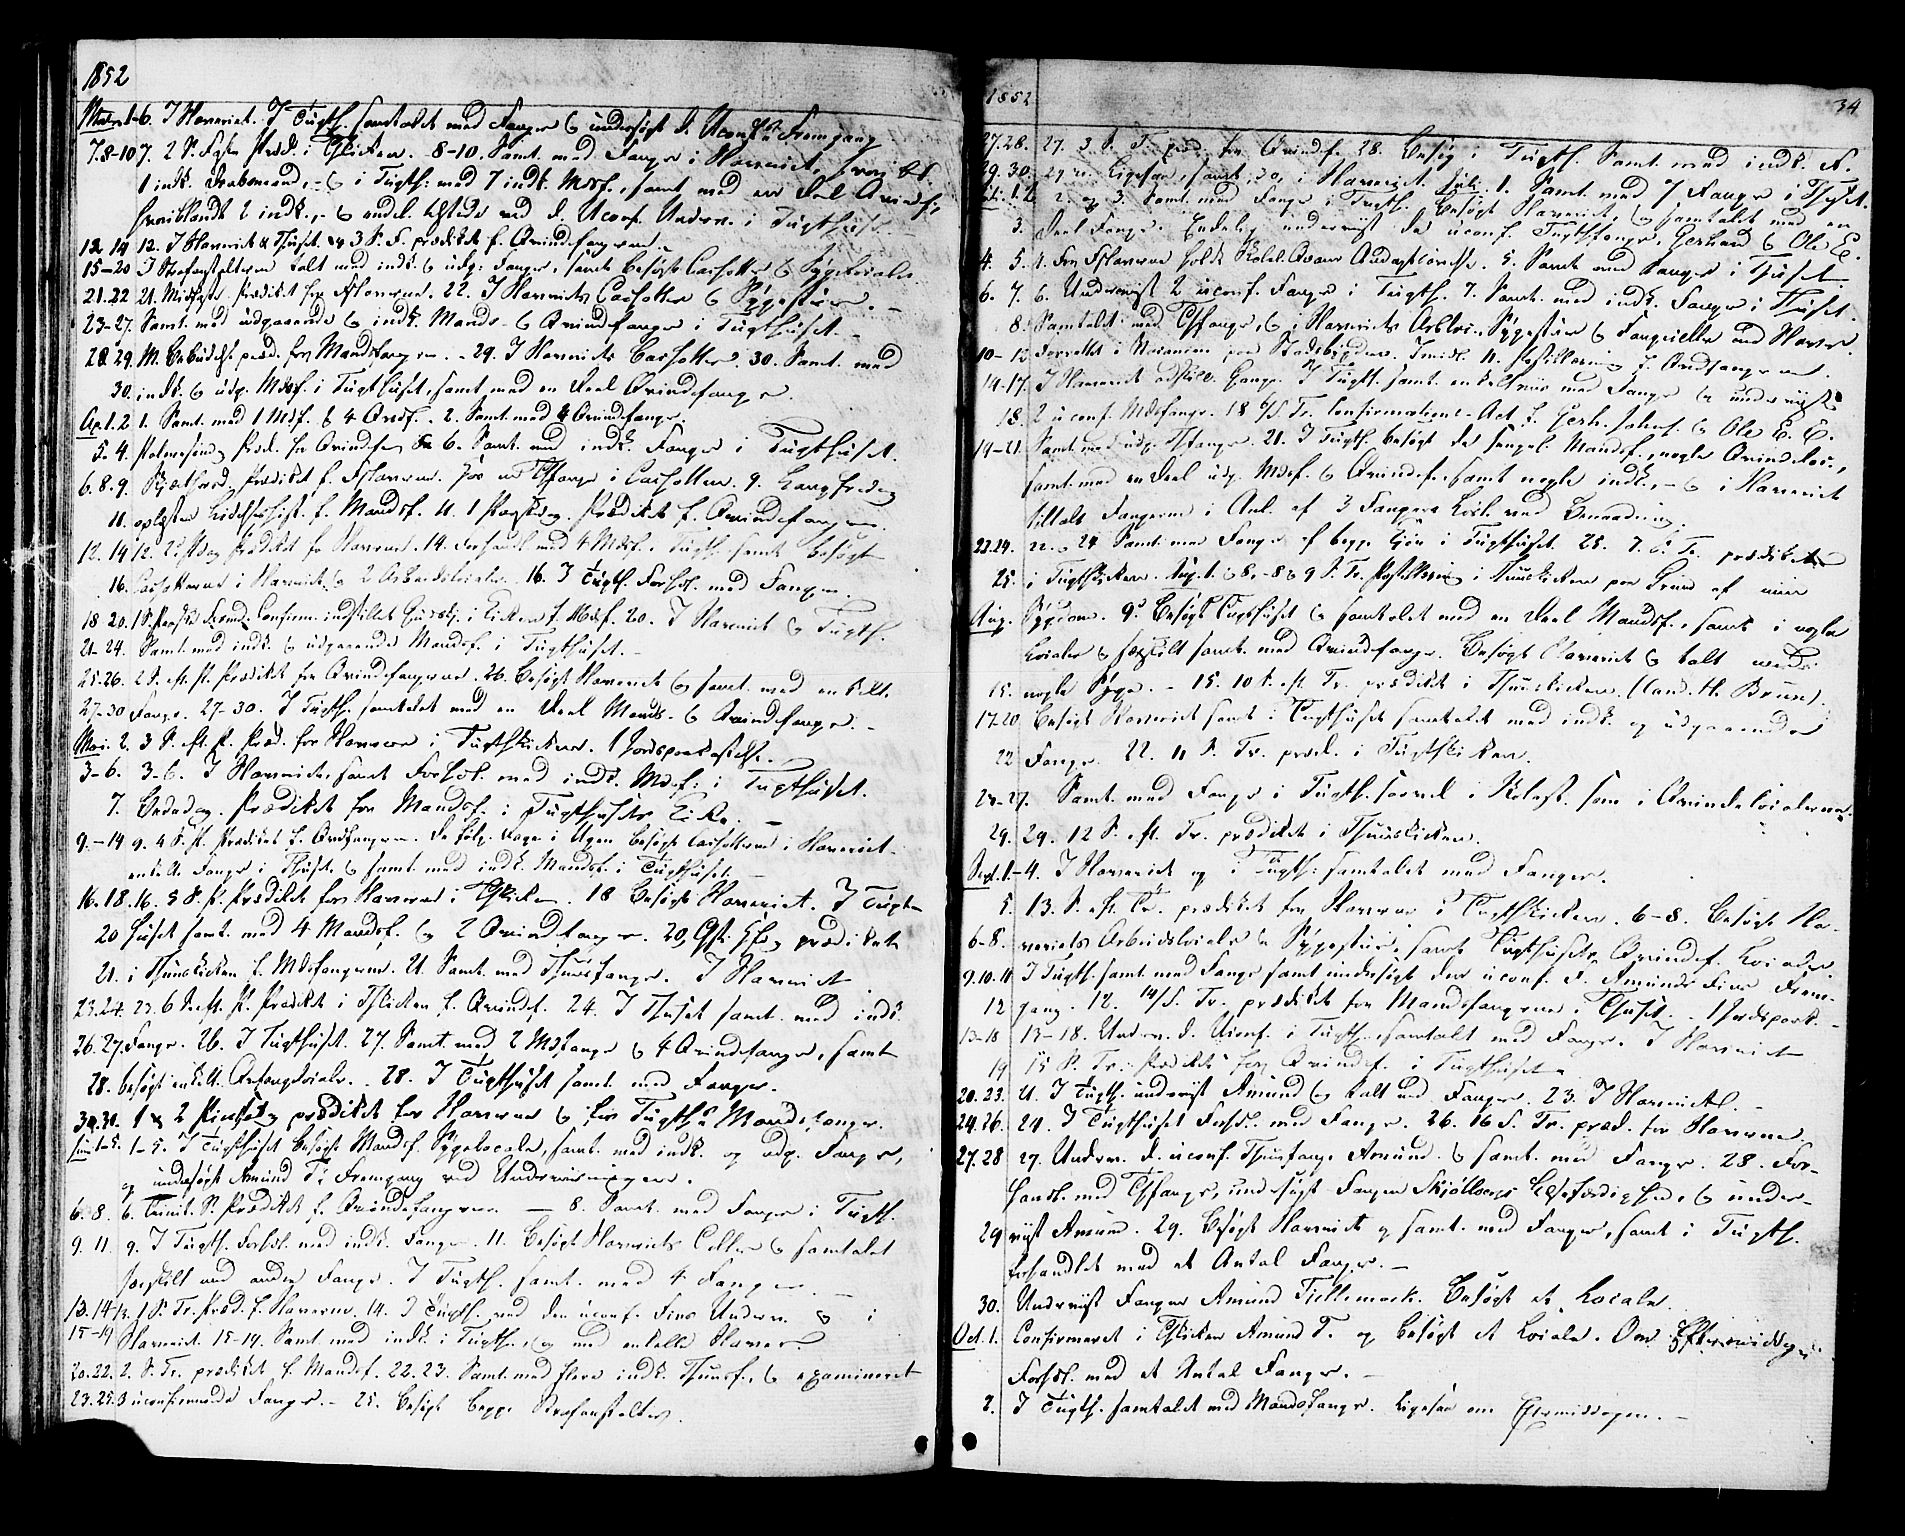 SAT, Ministerialprotokoller, klokkerbøker og fødselsregistre - Sør-Trøndelag, 624/L0481: Ministerialbok nr. 624A02, 1841-1869, s. 34